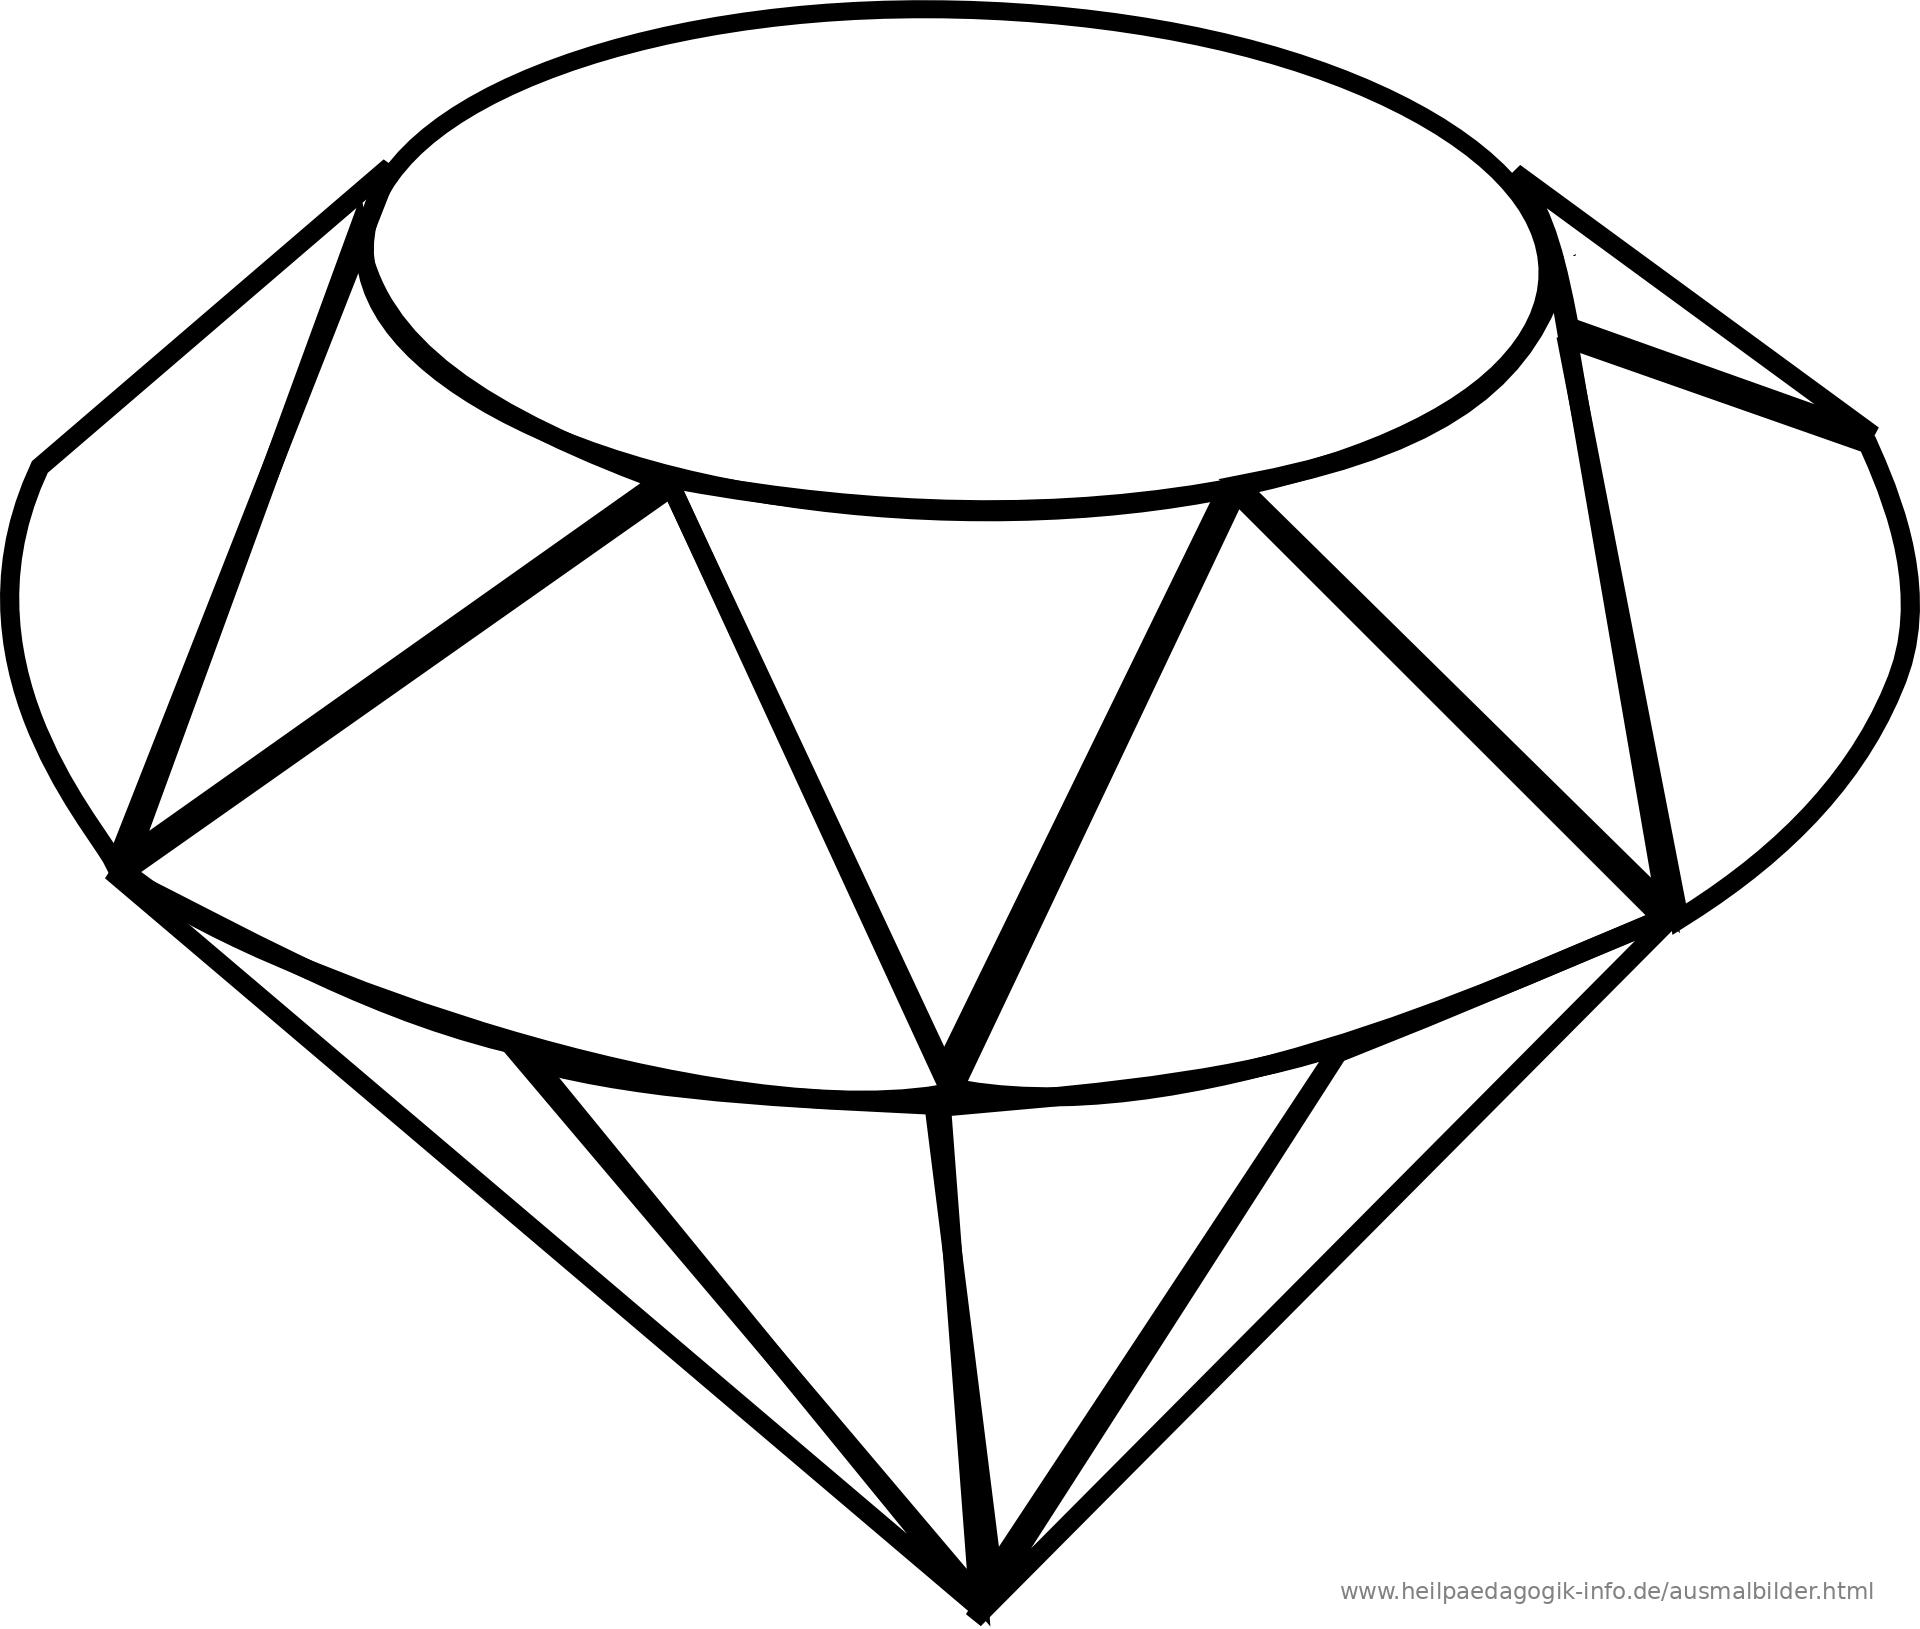 Großartig Diamant Malvorlagen Fotos - Entry Level Resume Vorlagen ...